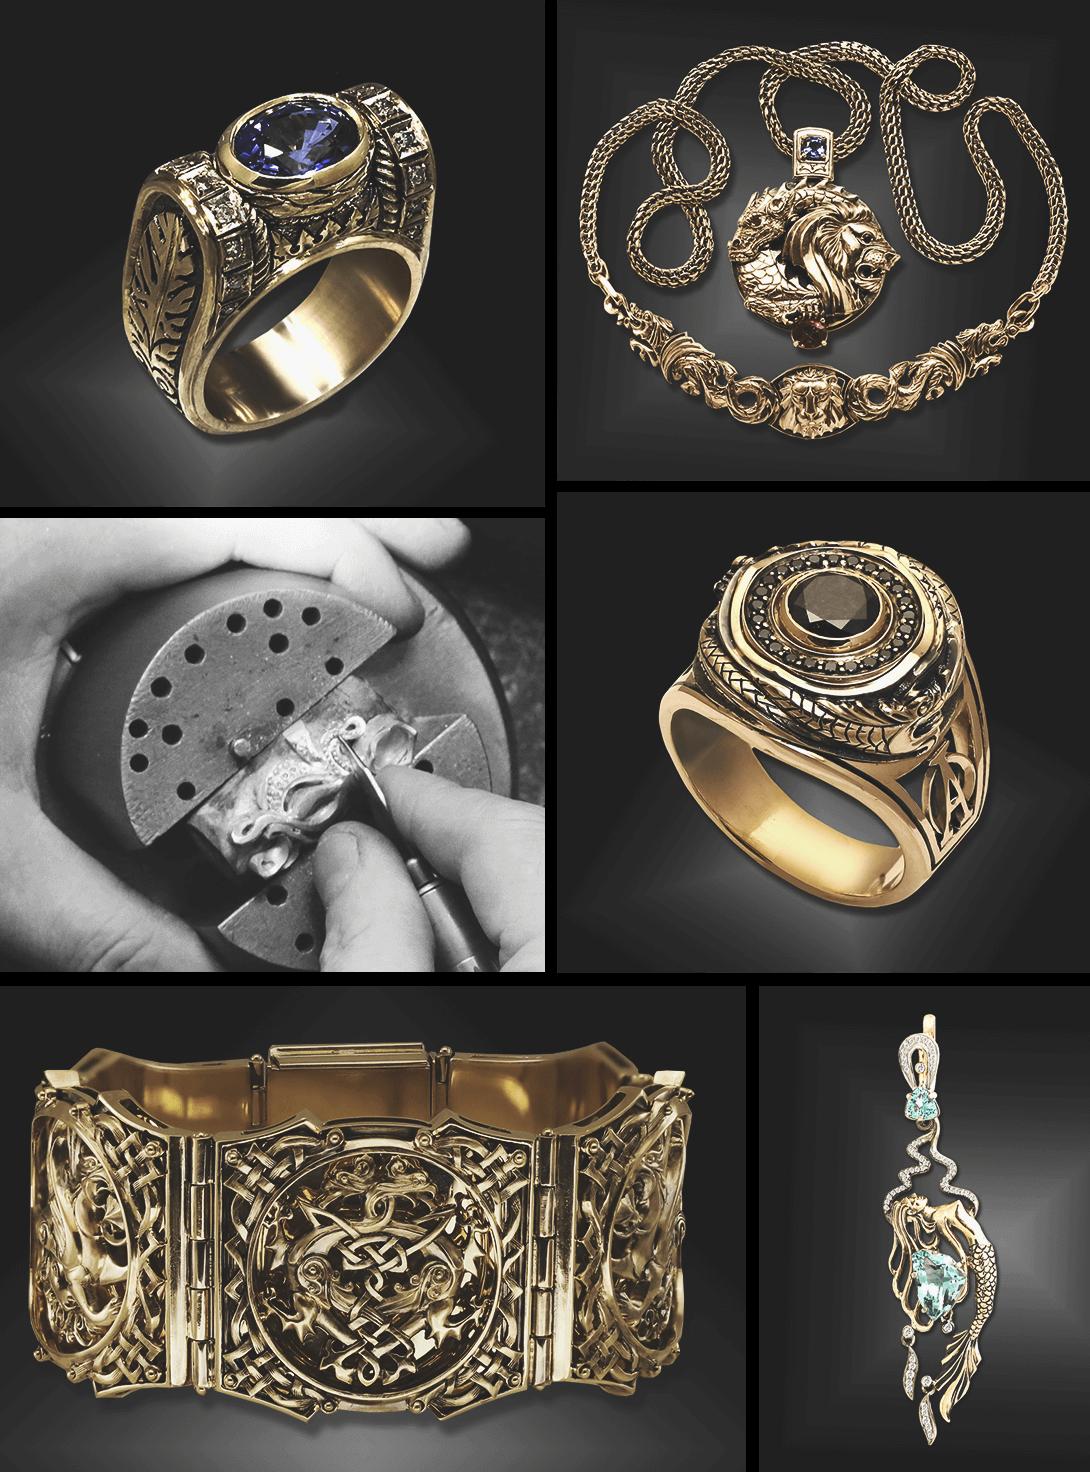 e6af828d4981 Хочешь строгую печатку в духе нефтяных магнатов 20 века, роскошное  коктейльное кольцо или лёгкий браслет, ...